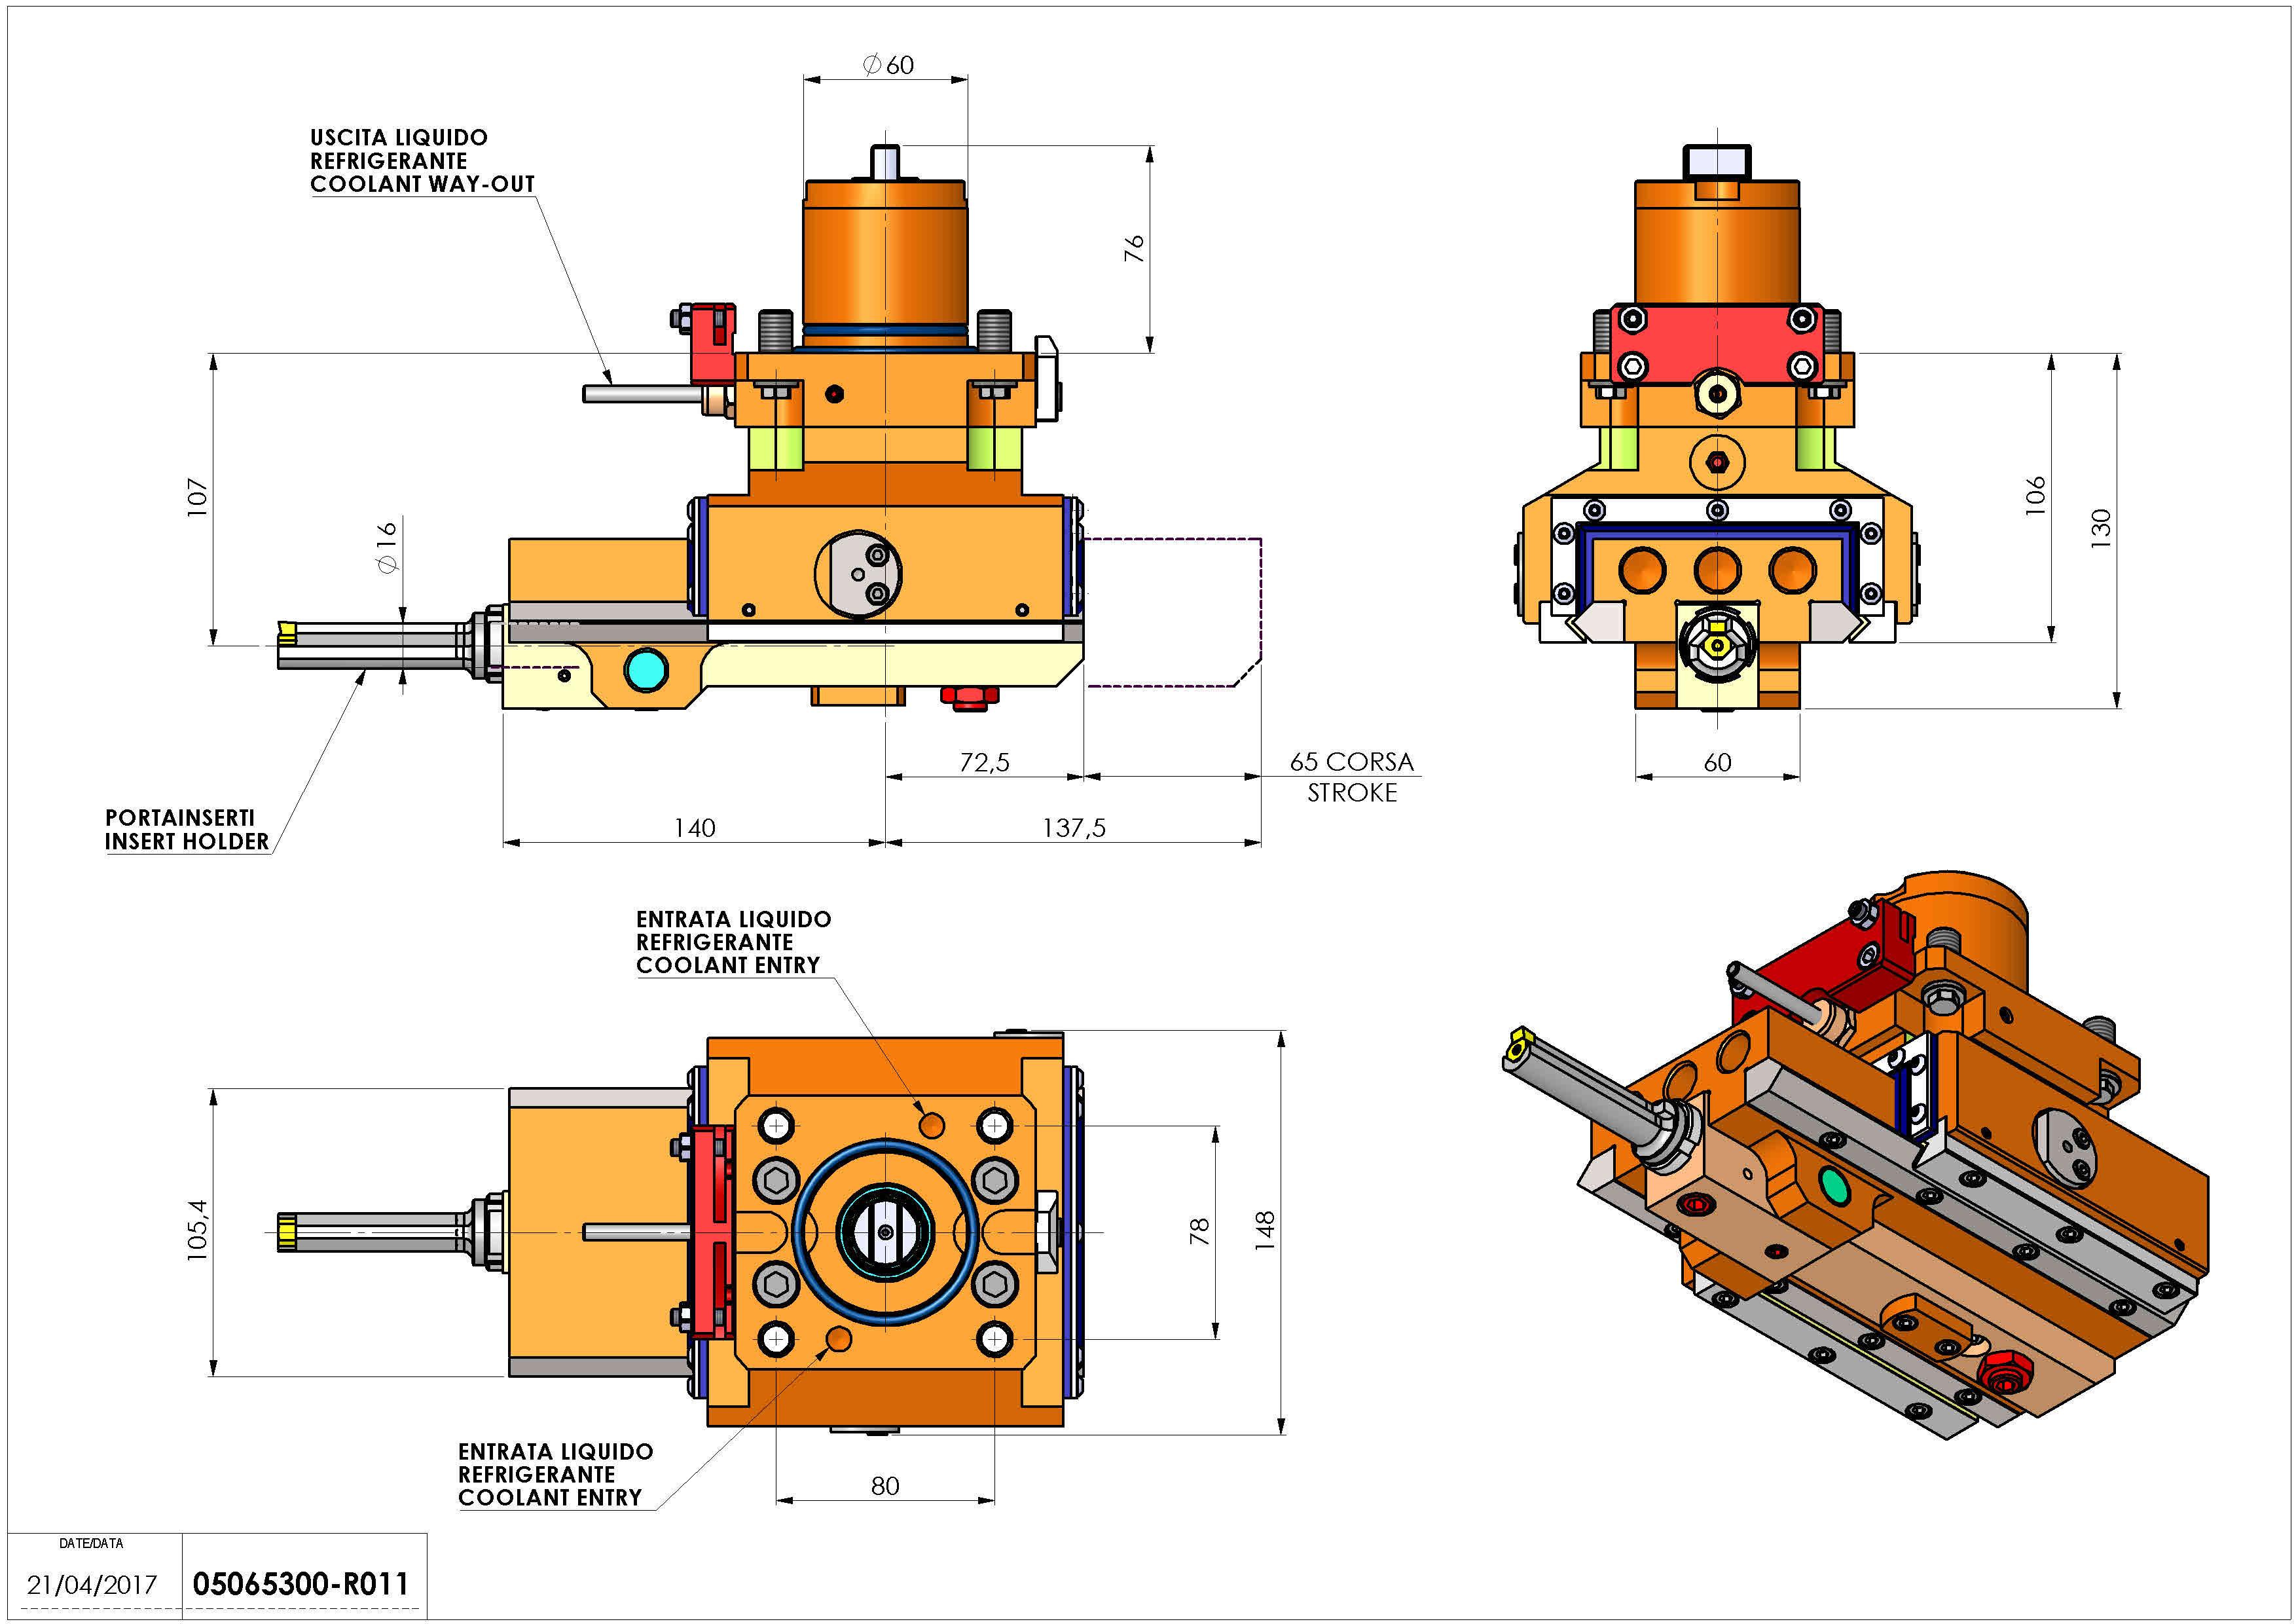 Technical image - LT-A ST65 D60 C16H107 CR-AY OK.